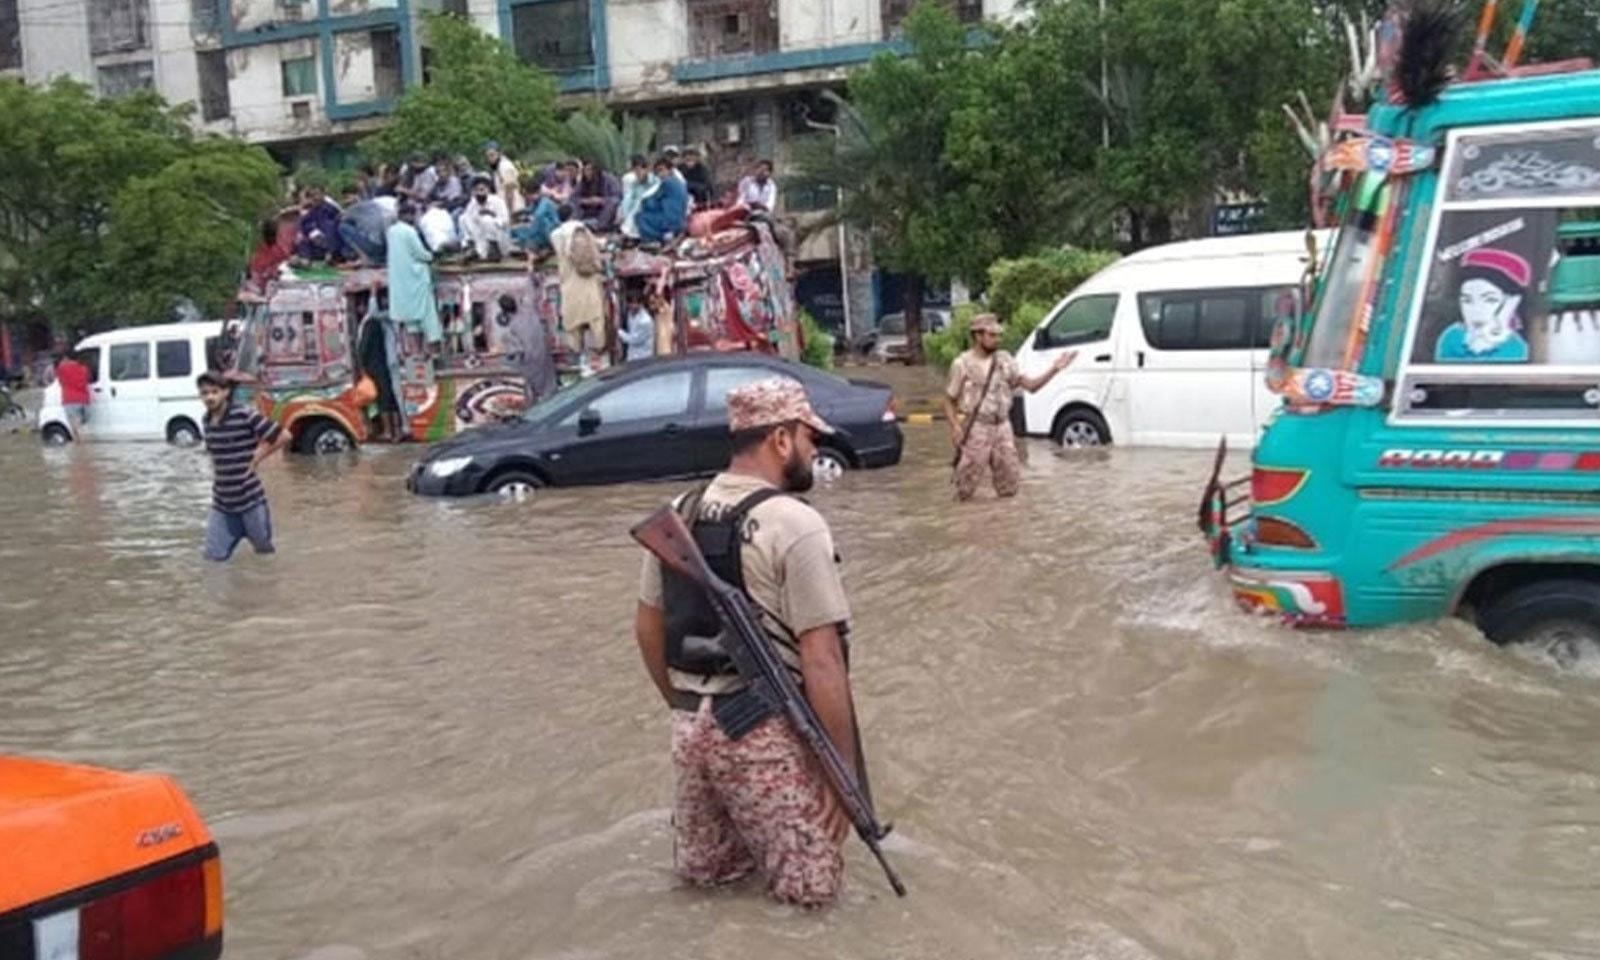 شدید بارشوں سے مصروف شاہراہیں بھی تالاب کا منظر پیش کرنے لگیں—فوٹو: ڈان نیوز